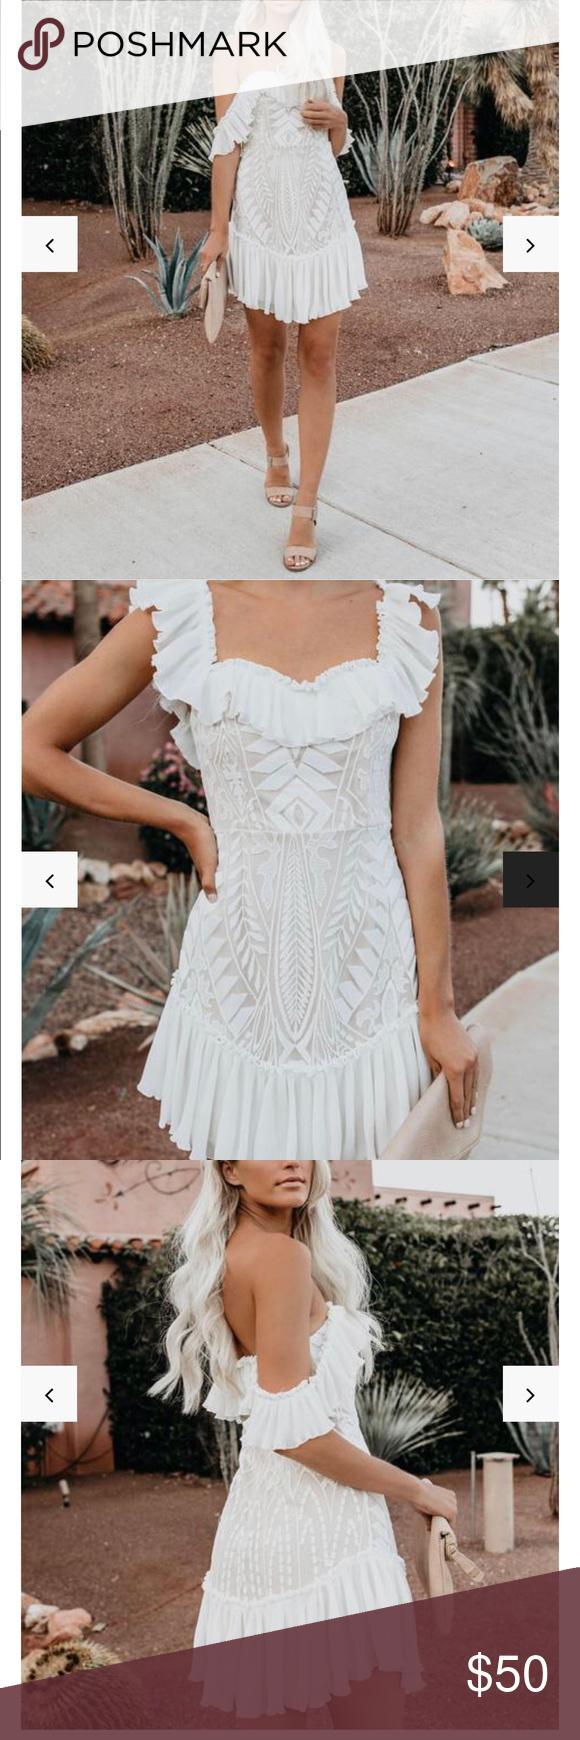 Vici Dolls Bouquet Toss Dress White Vici Dolls Bouquet Toss Lace Off The Shoulder Pleated Ruffle Dress Size Large New W Dresses Vici Dress Clothes Design [ 1740 x 580 Pixel ]